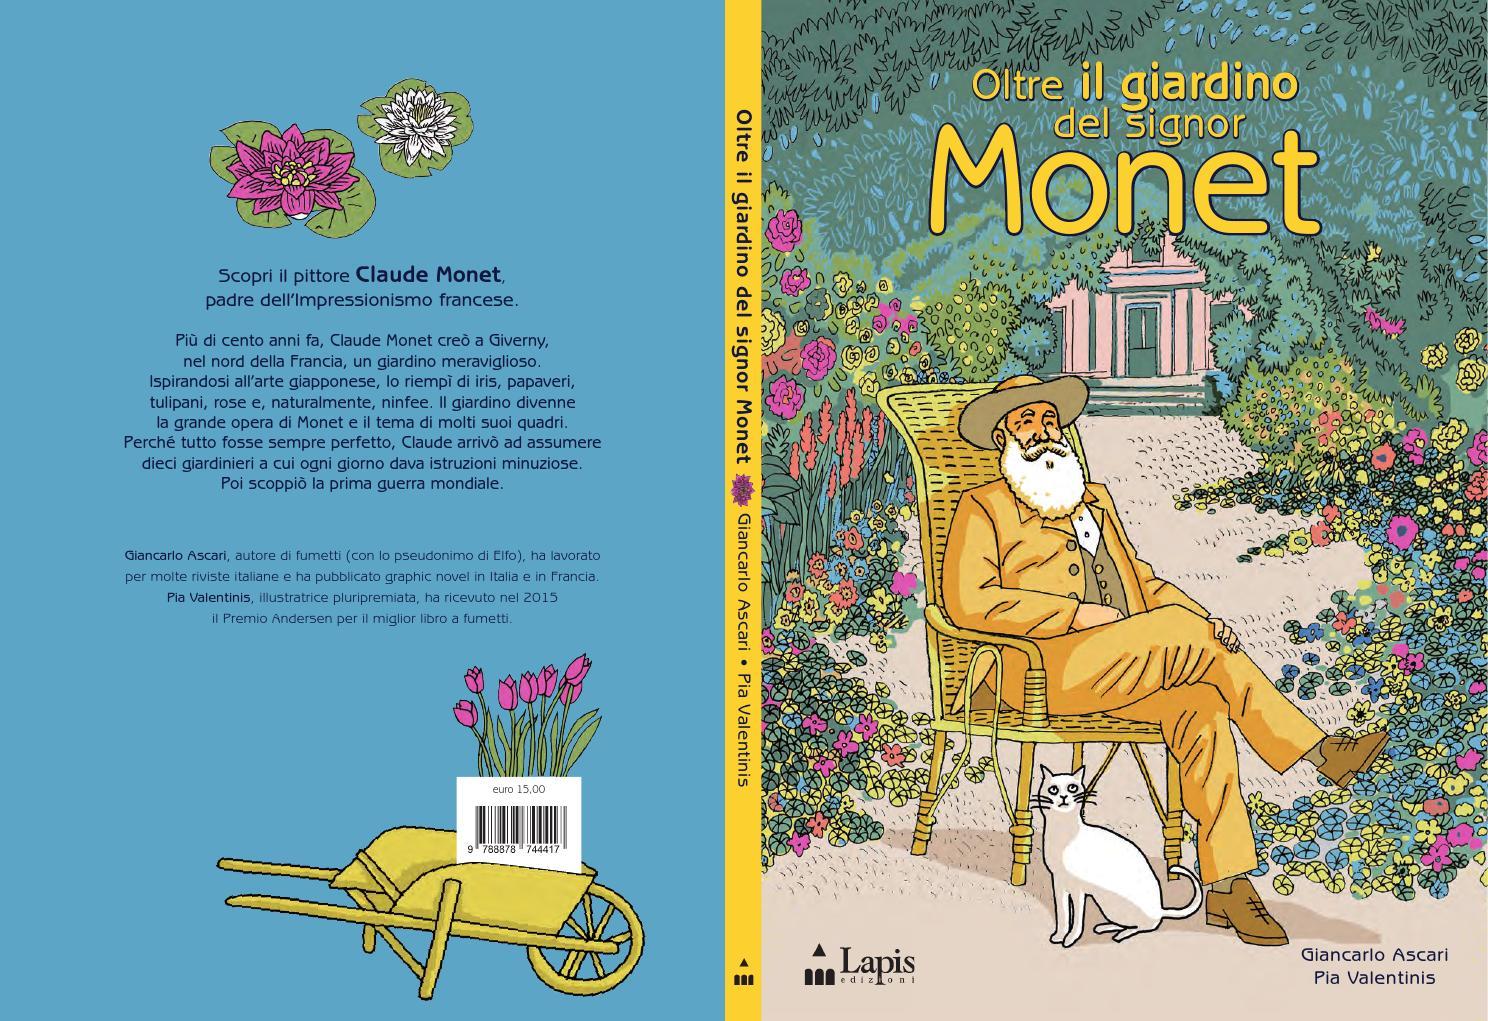 Oltre il giardino del signor monet by lapis edizioni issuu for Oltre il giardino